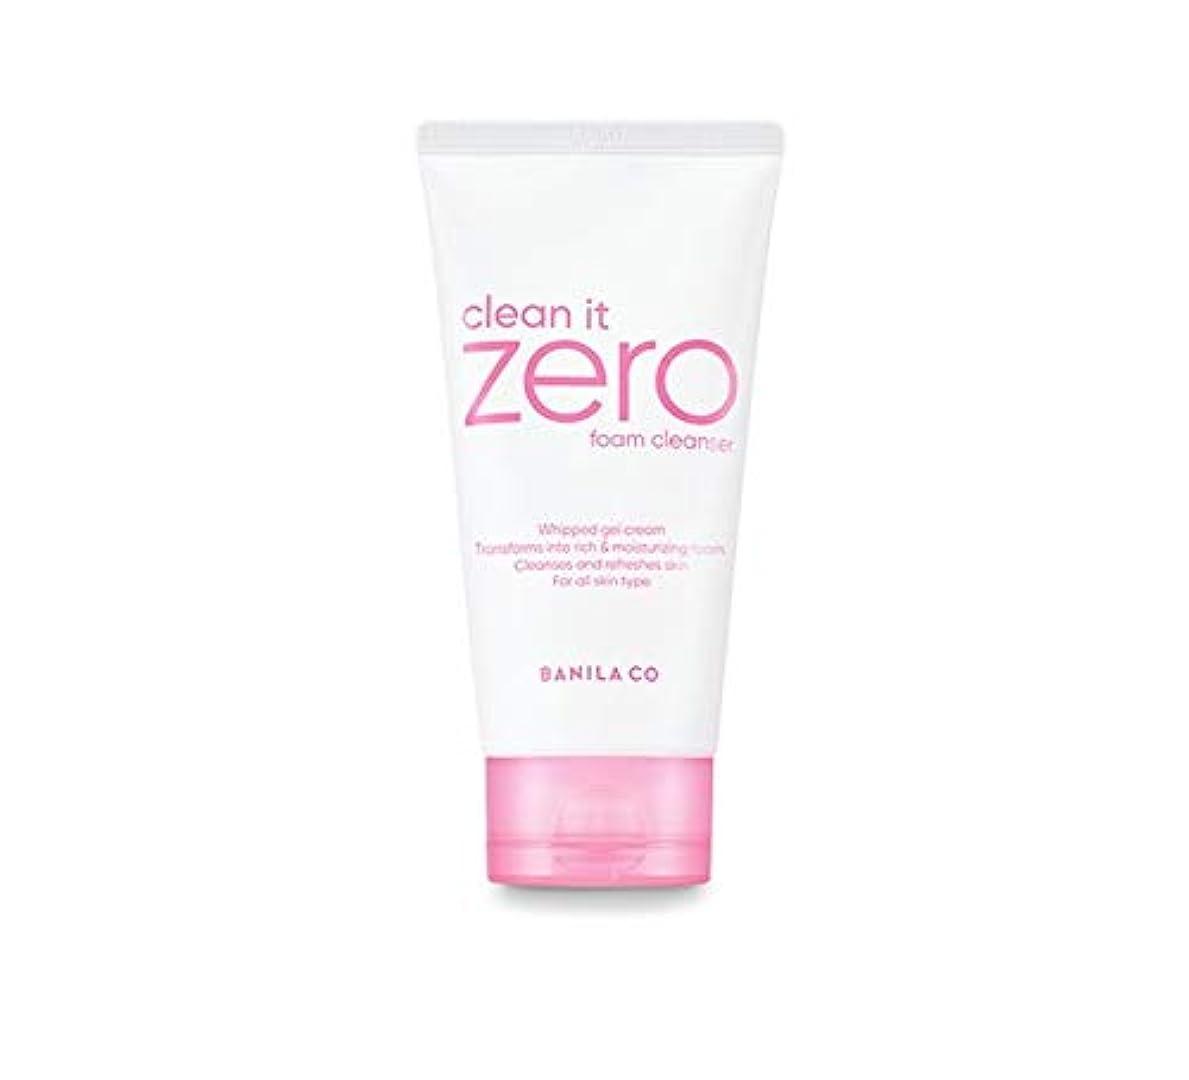 フローコイン割合banilaco クリーンイットゼロフォームクレンザー/Clean It Zero Foam Cleanser 150ml [並行輸入品]